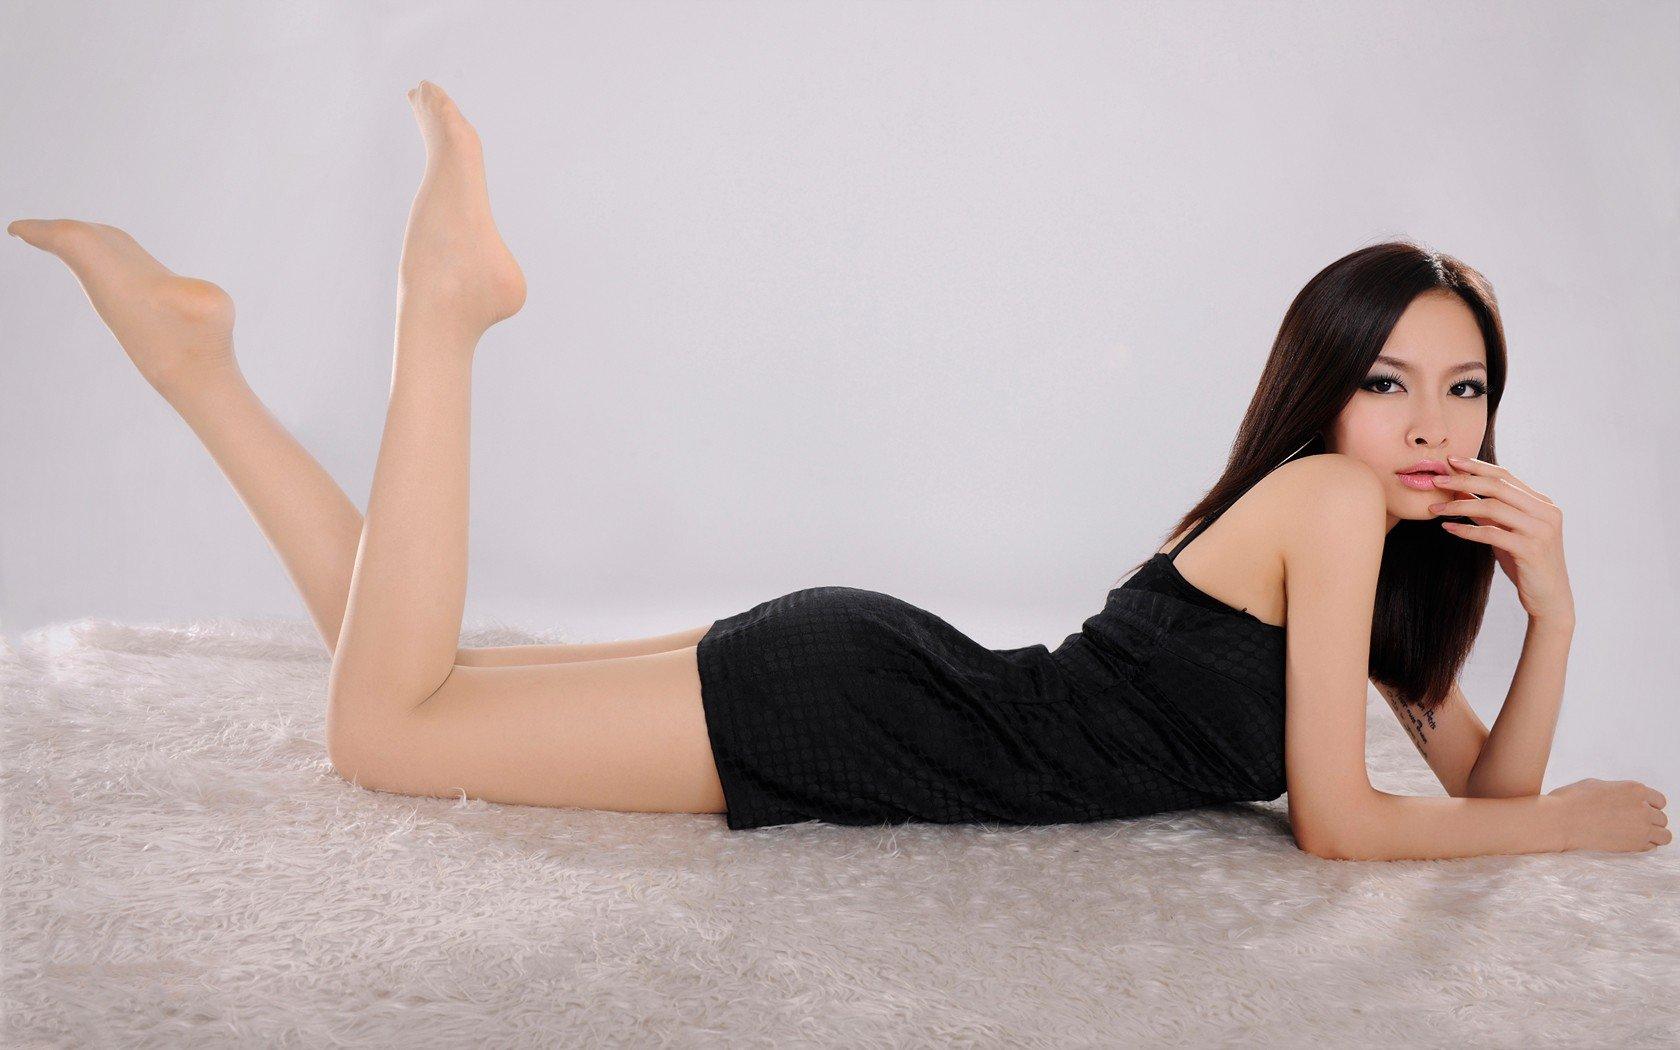 Sexy asian women feet